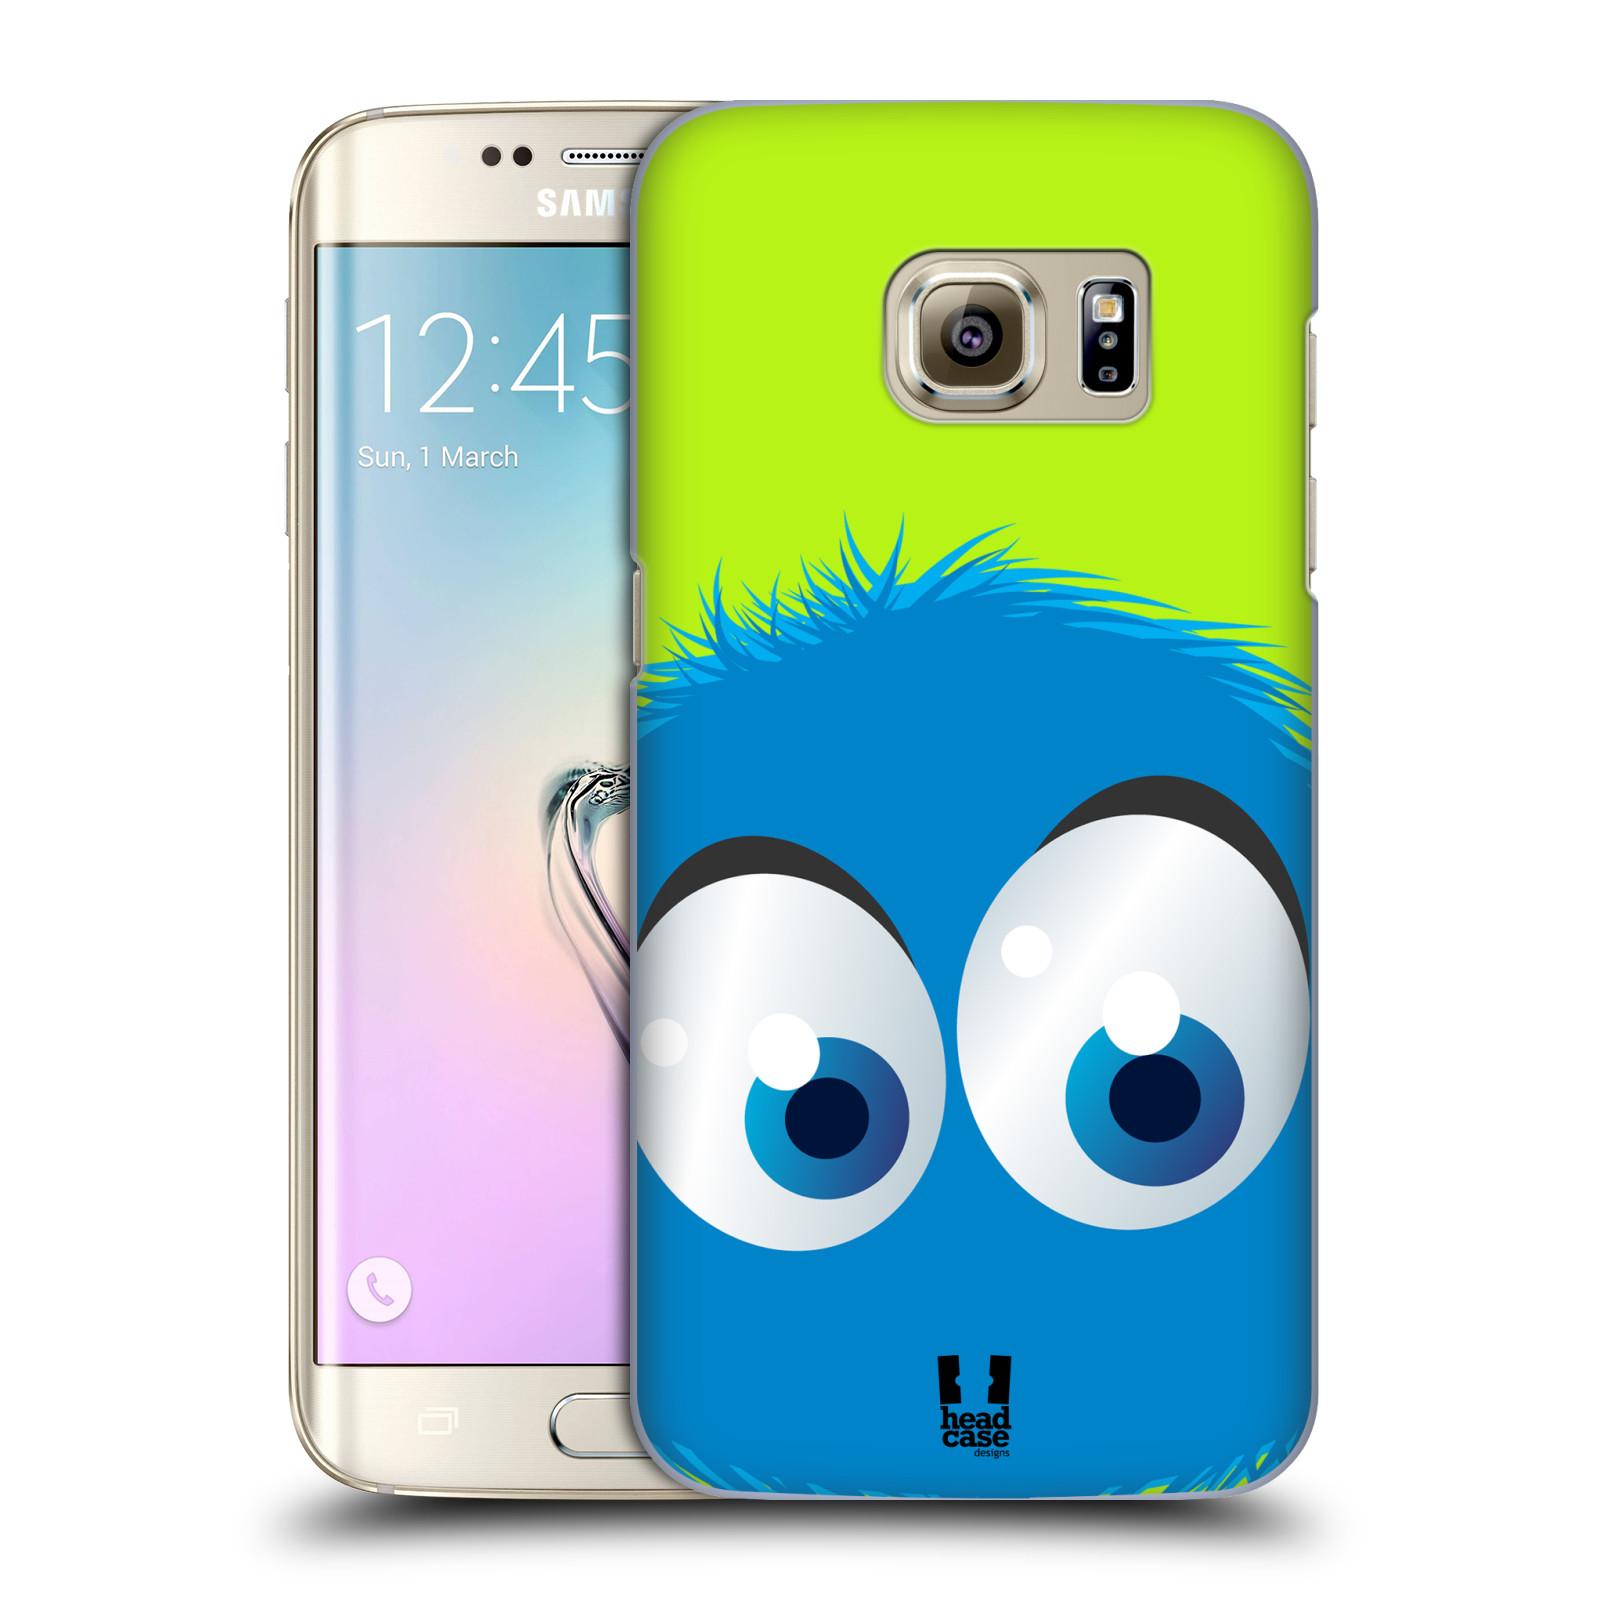 Plastové pouzdro na mobil Samsung Galaxy S7 Edge HEAD CASE FUZÍK MODRÝ (Kryt či obal na mobilní telefon Samsung Galaxy S7 Edge SM-G935F)